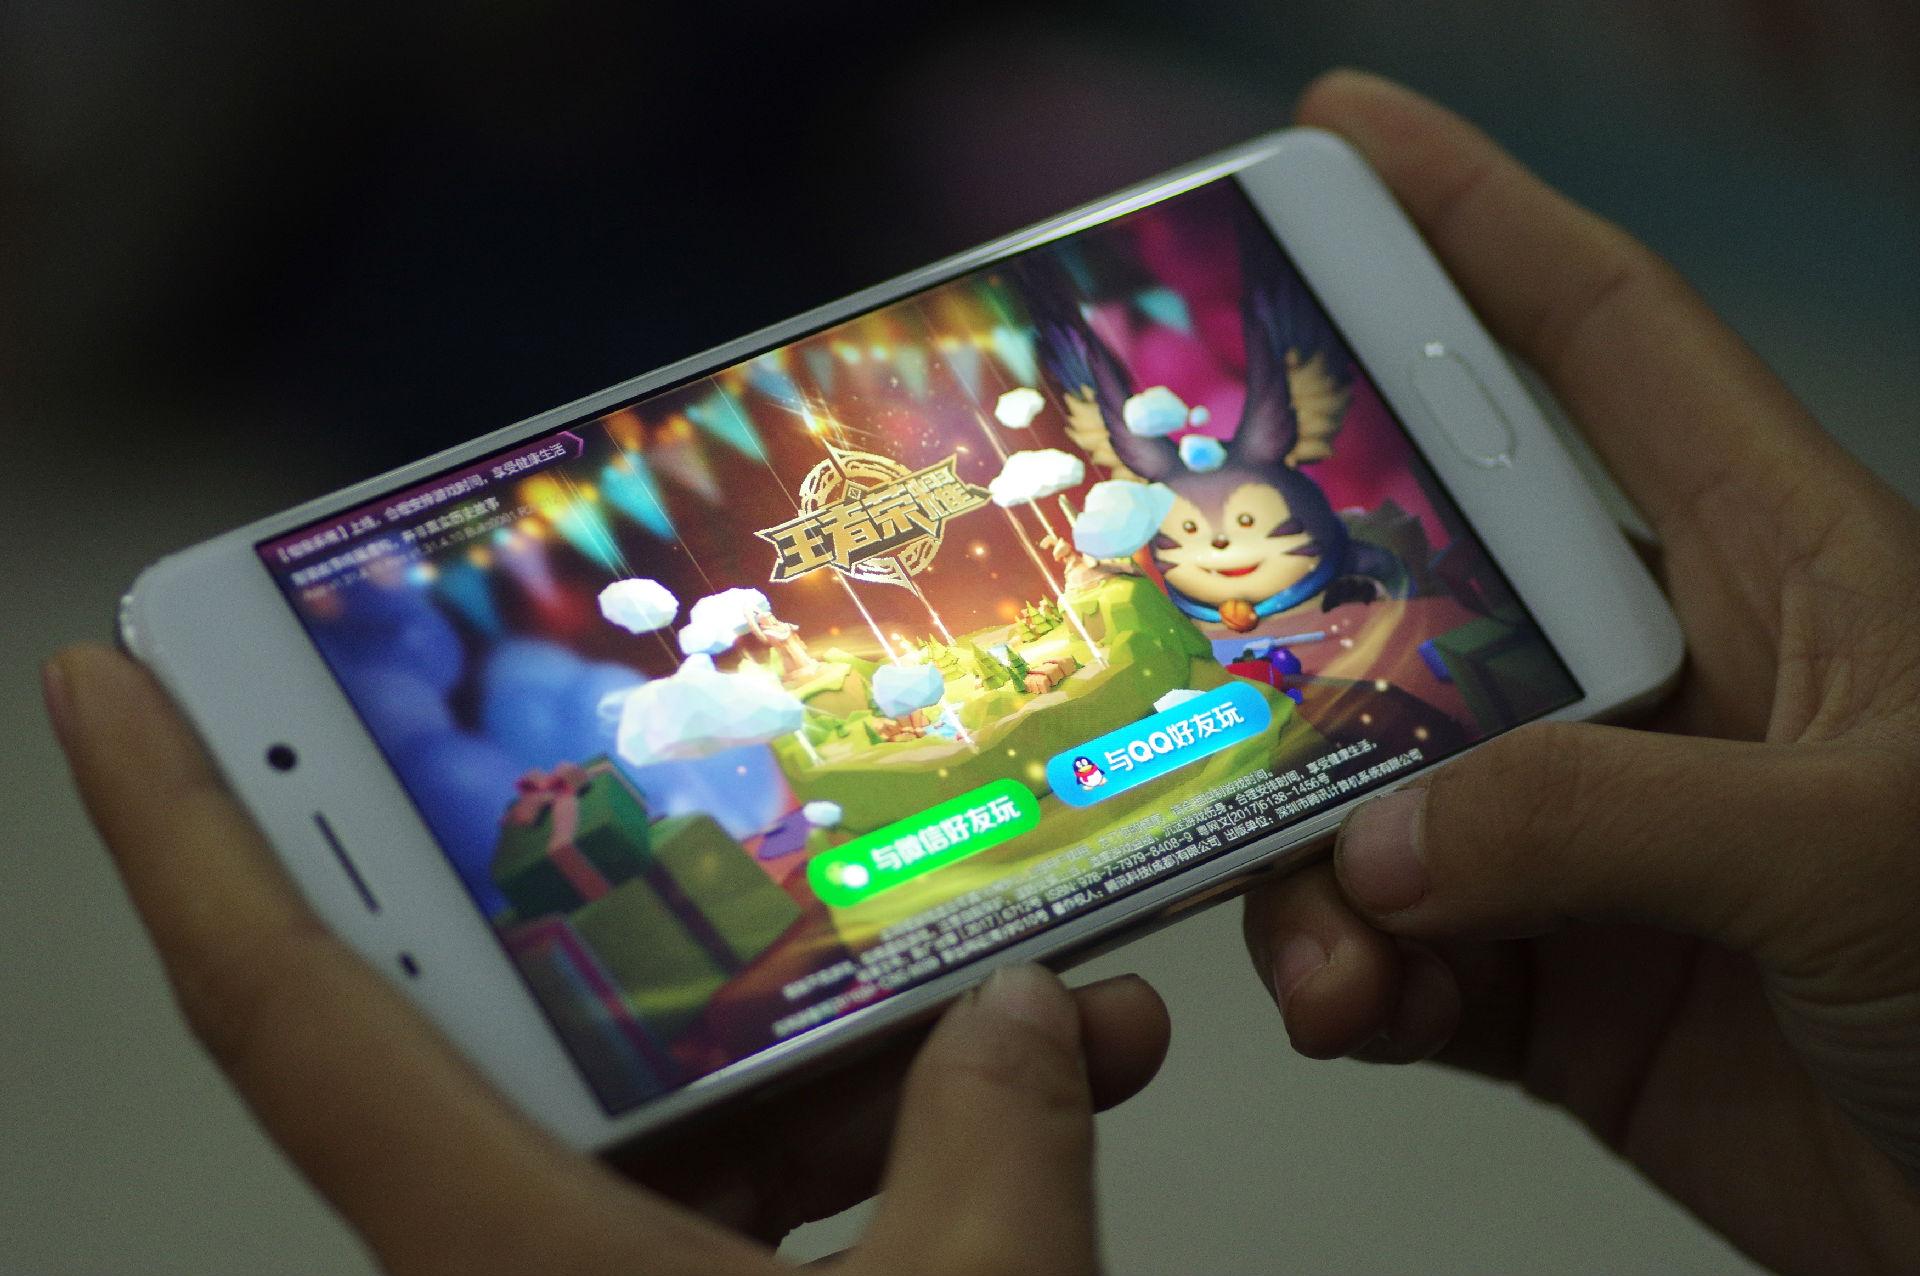 游戏综合资讯-免费yoqq法院发保全禁令要求火山小视频停止传播《王者荣耀》yoqq资源(1)